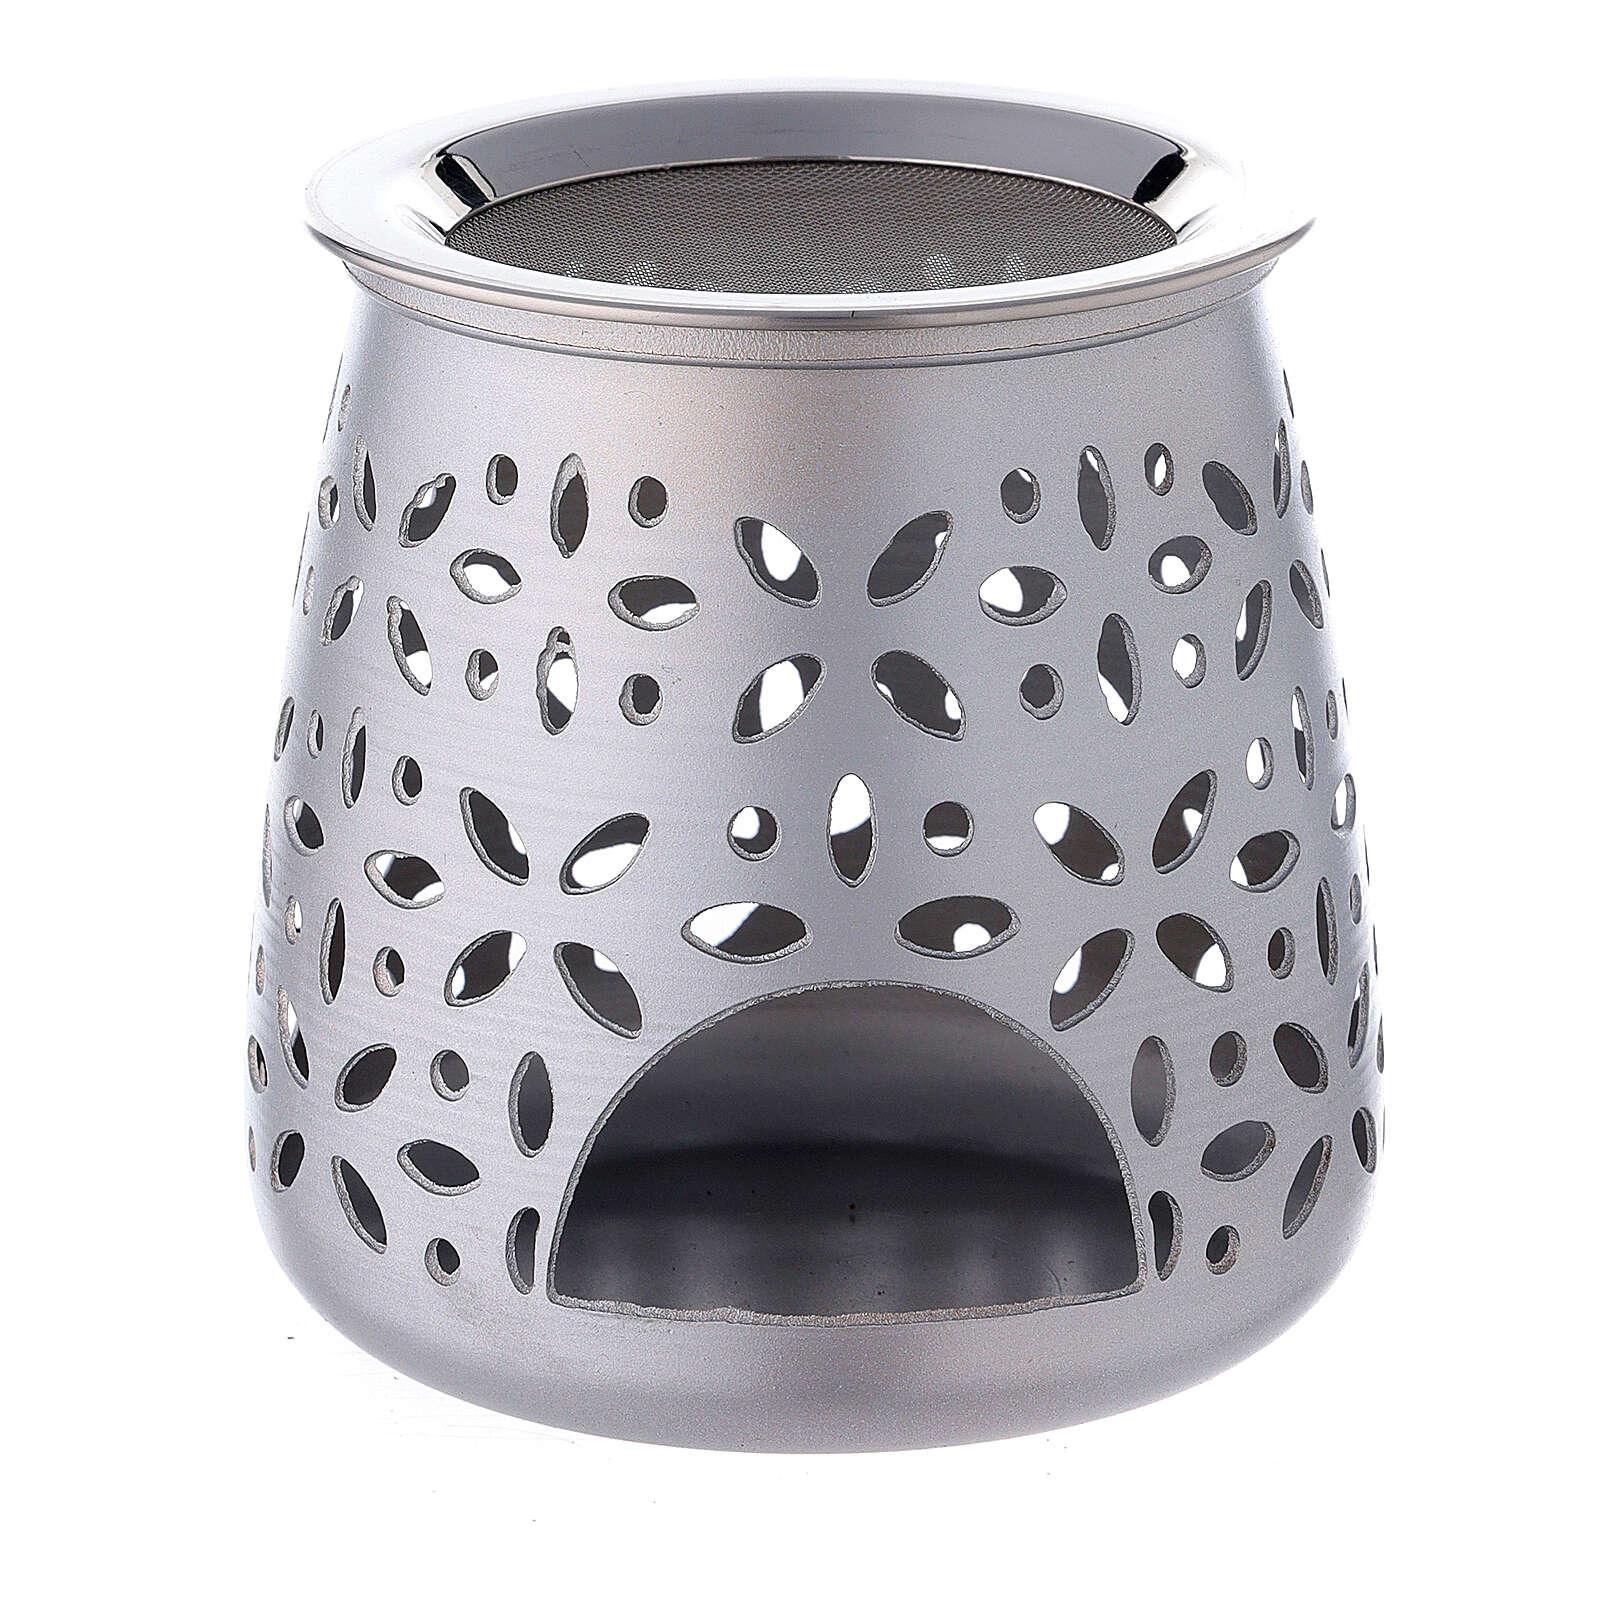 Brûle-encens ajouré aluminium satiné 11 cm 3